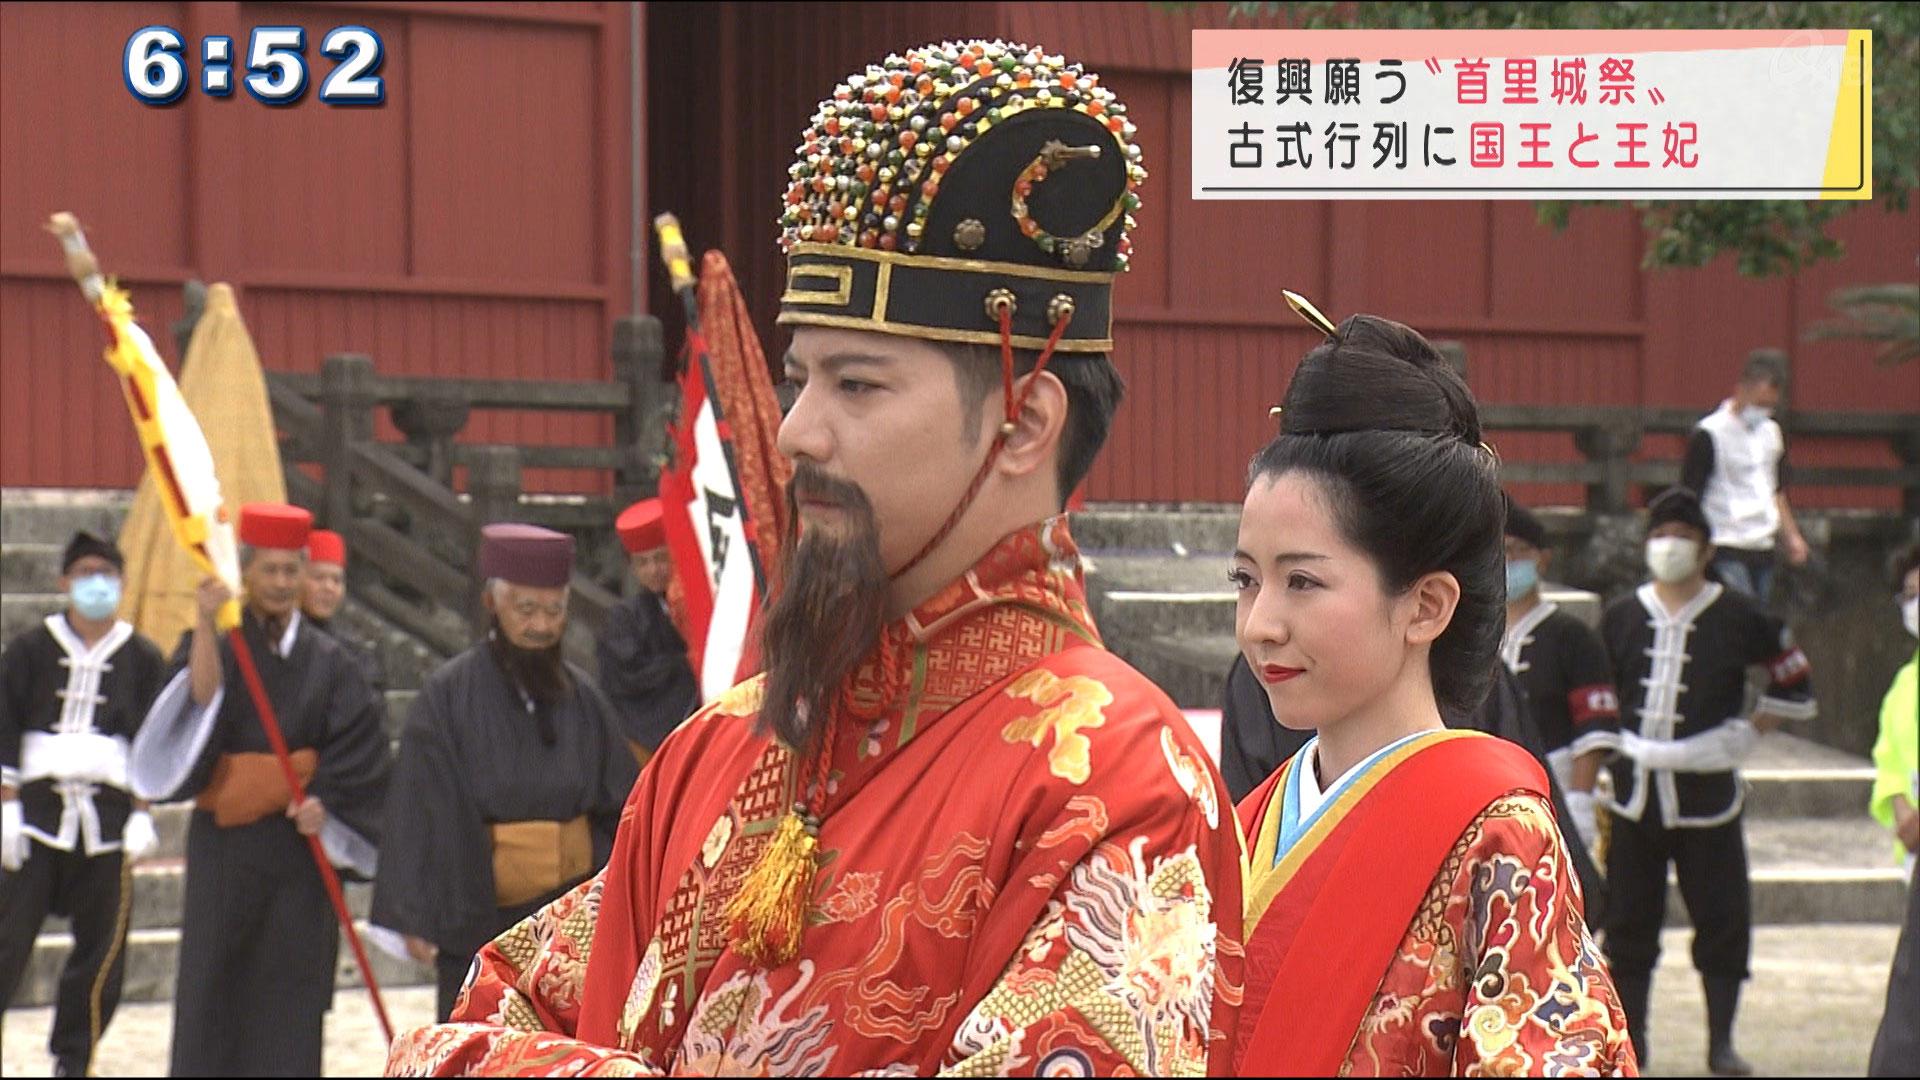 「首里城祭」最終日 国王・王妃が古式行列に